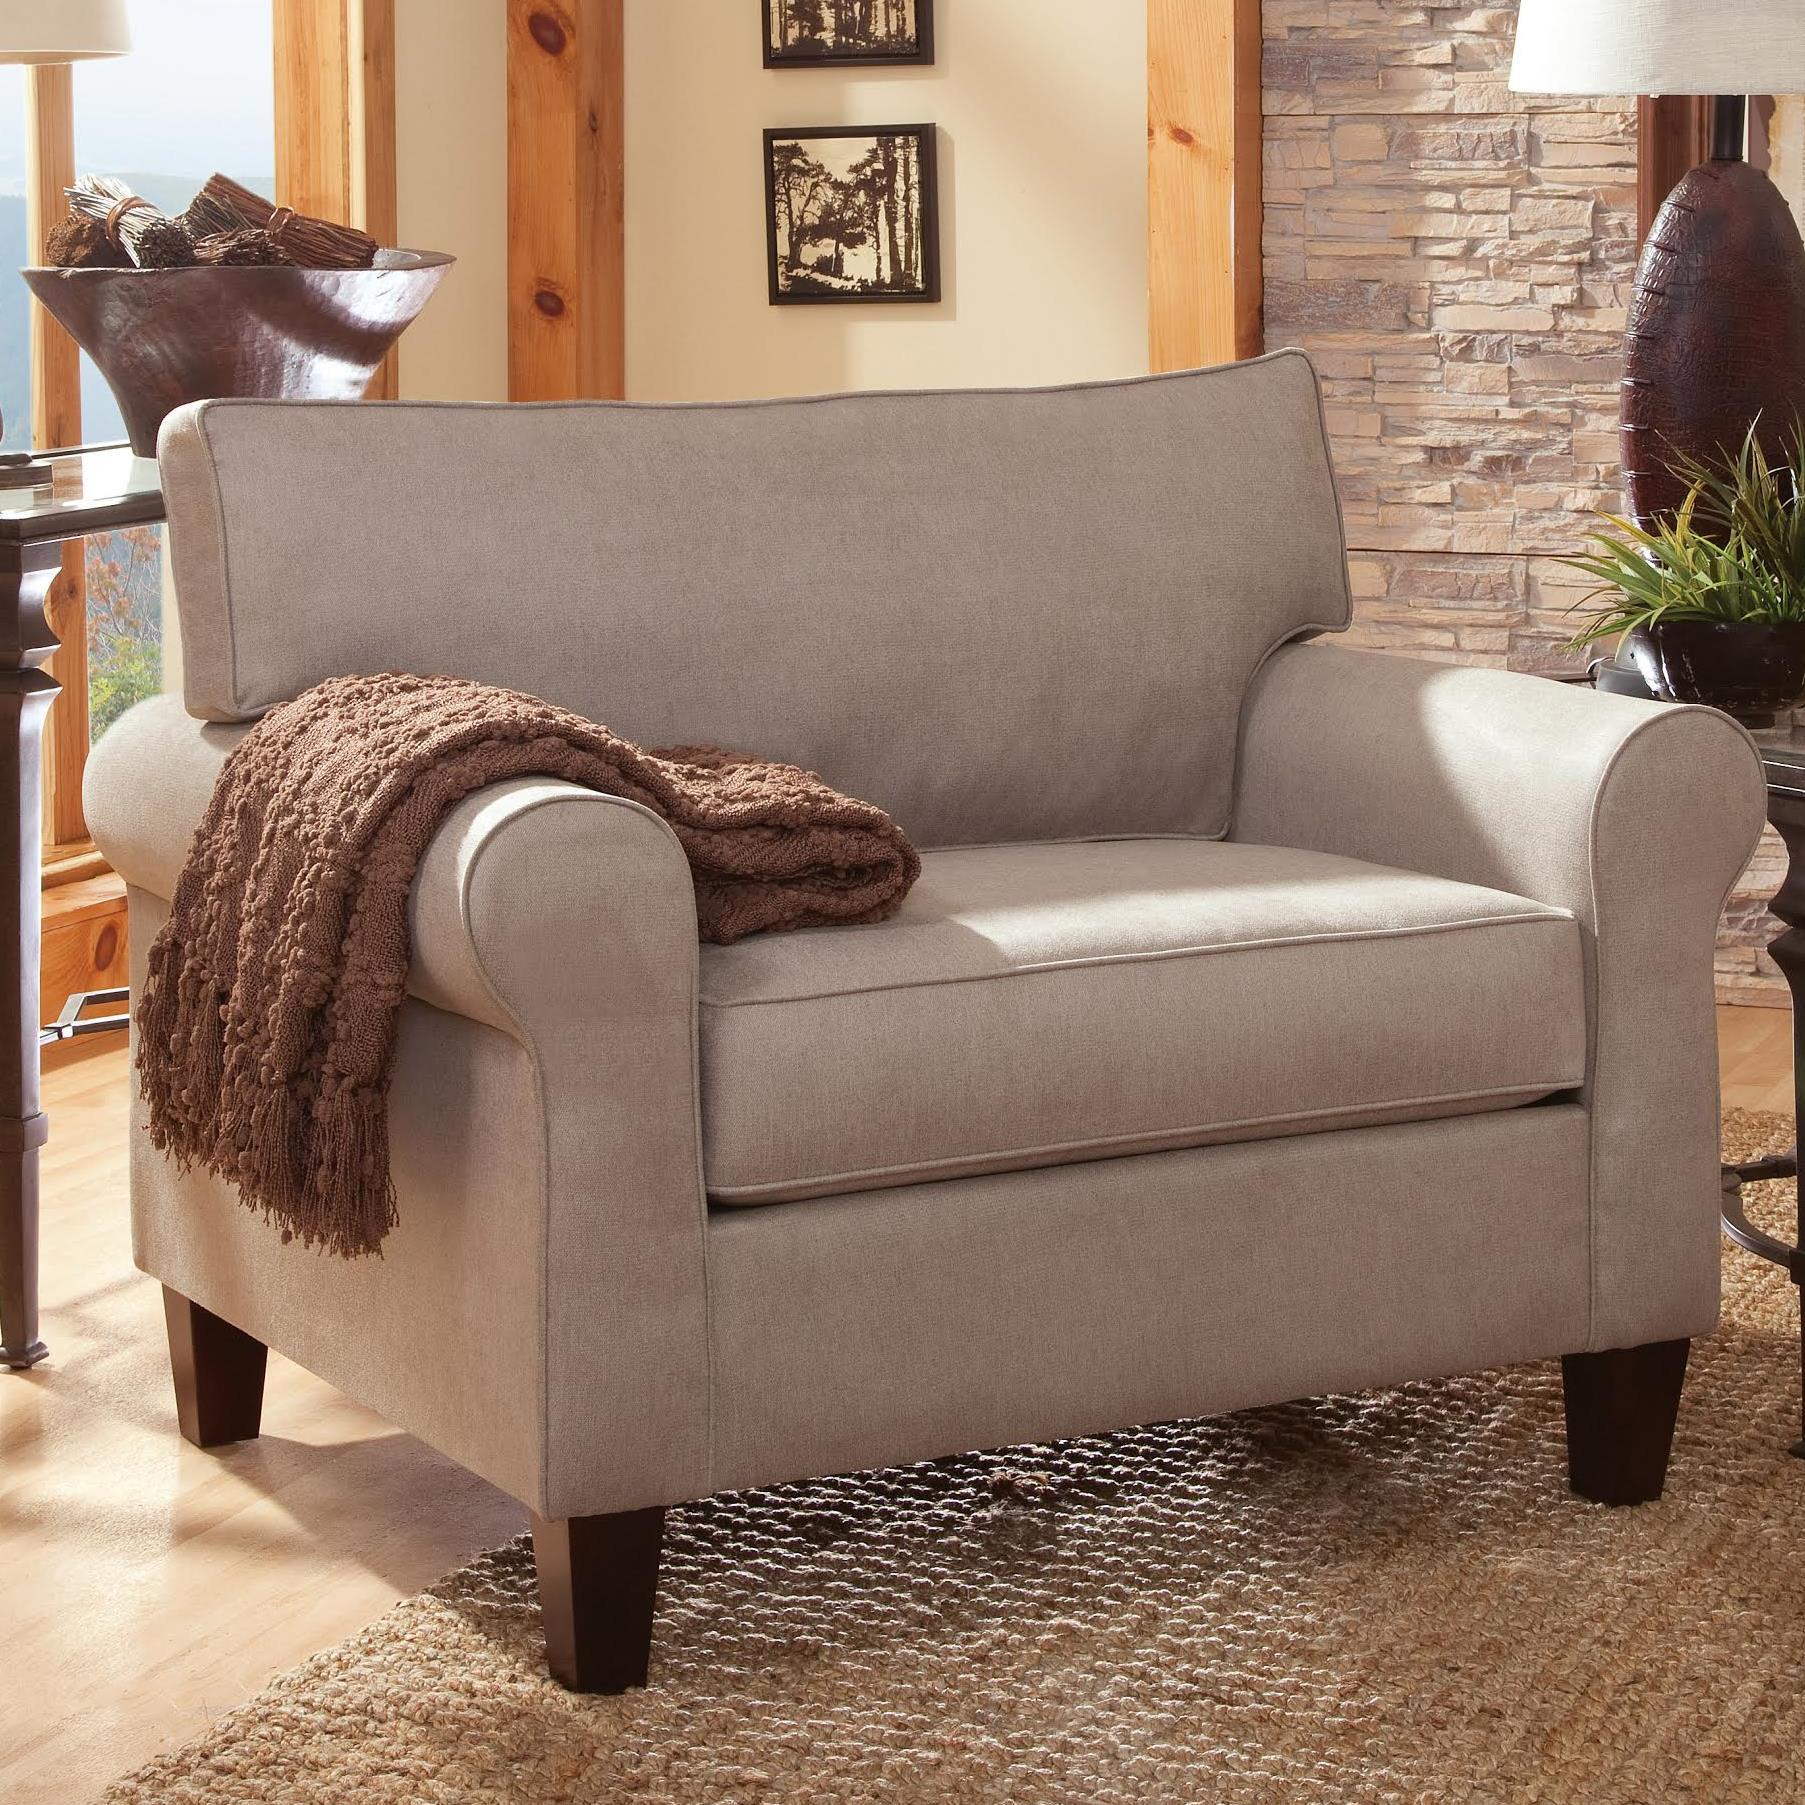 Belfort Essentials Columbia Heights Chair - Item Number: 1000-10-Beige